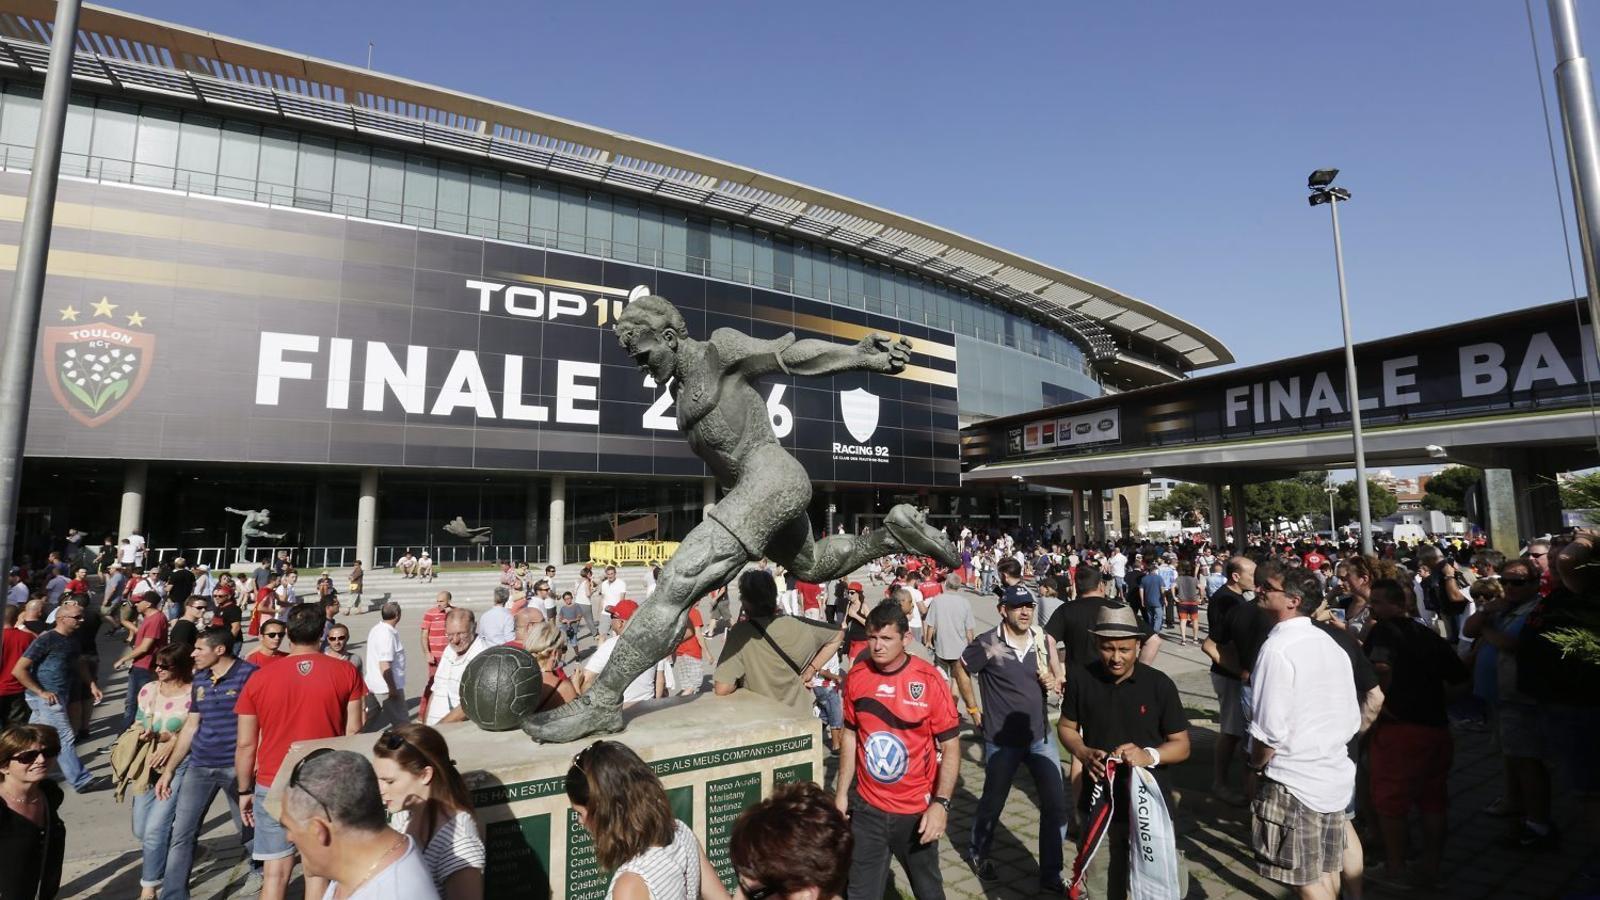 Més de 90.000 francesos van assistir a la final entre el Toló i el Racing de París la temporada passada.